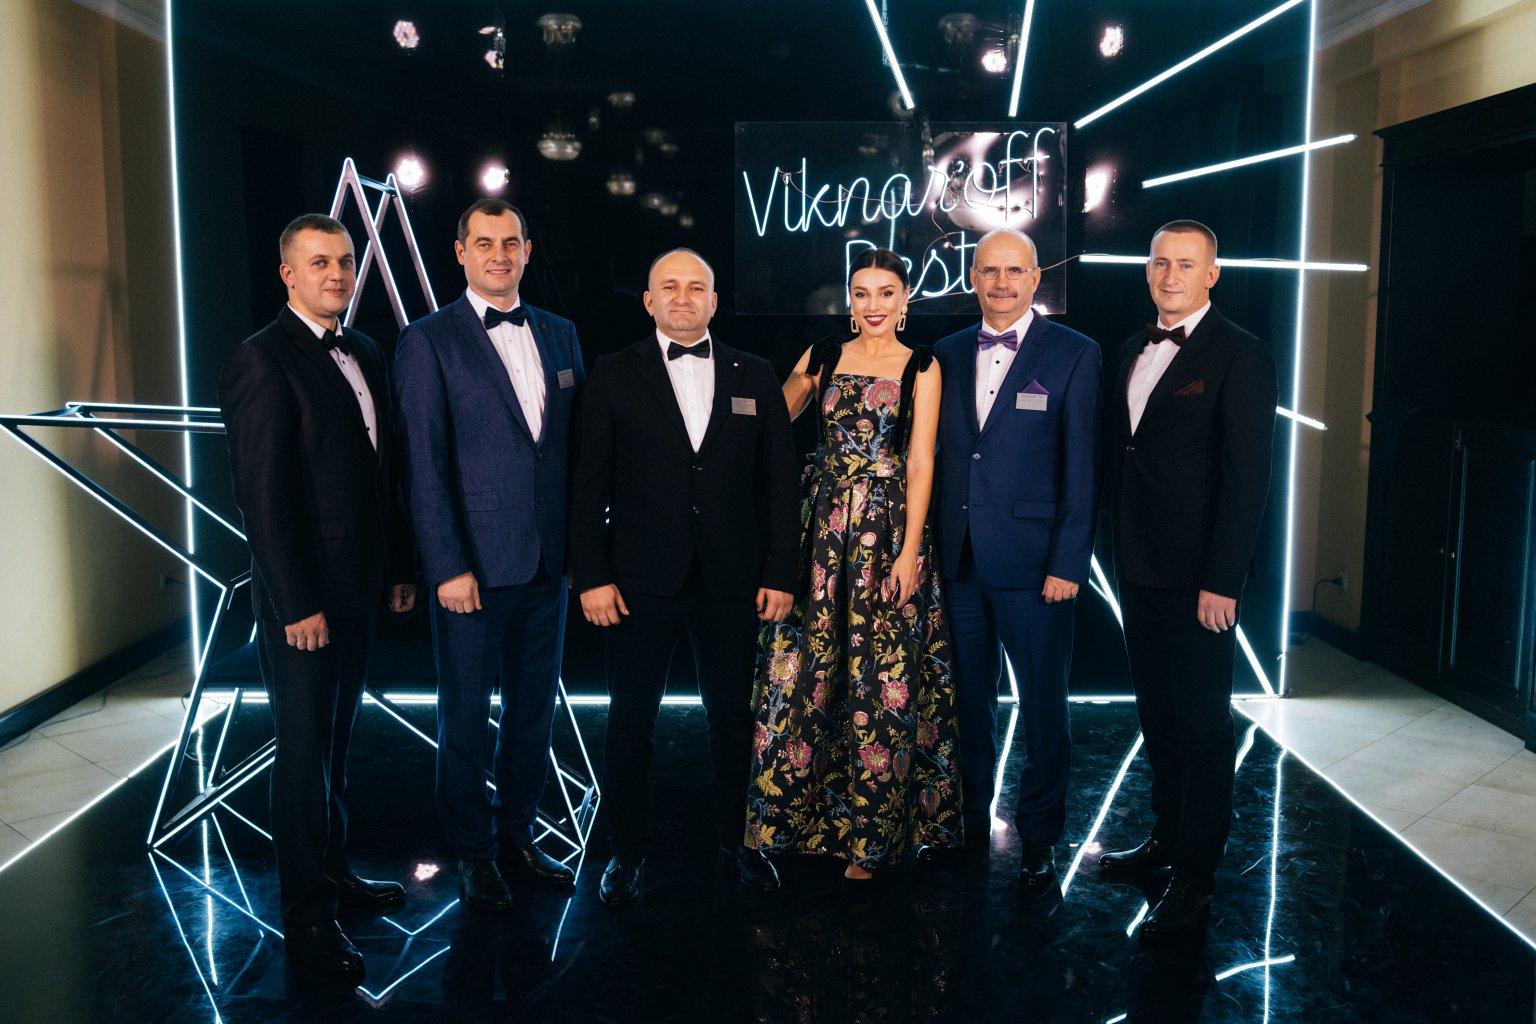 Viknar'off Best: обирай серцем вікна Viknar'off